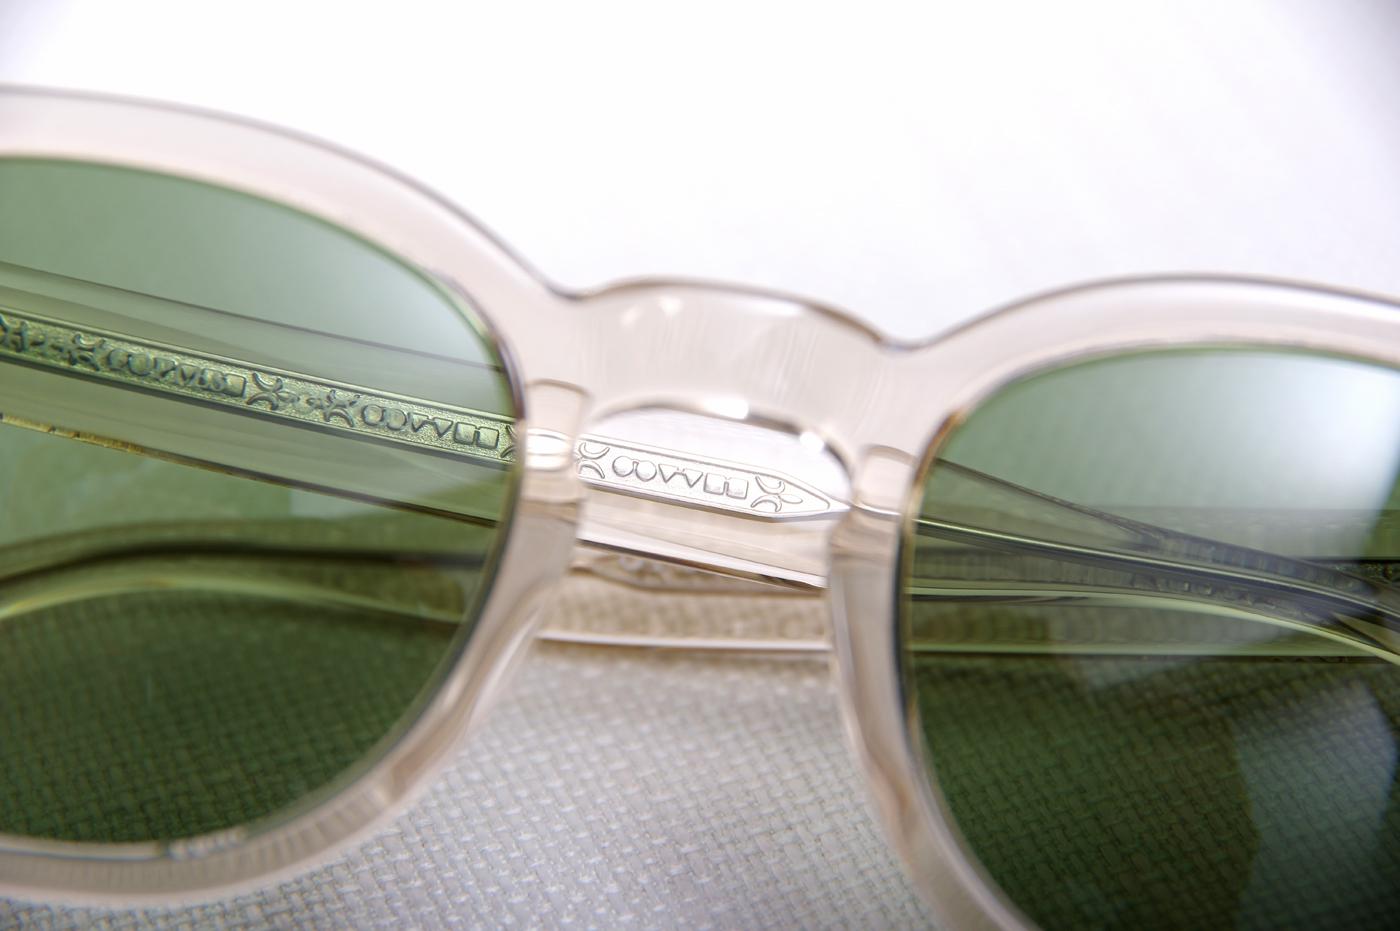 ... lunettes de soleil Oliver Peoples ROUEN 76 Où acheter les solaires SHELDRAKE  SUN, ... 4125e8be0323